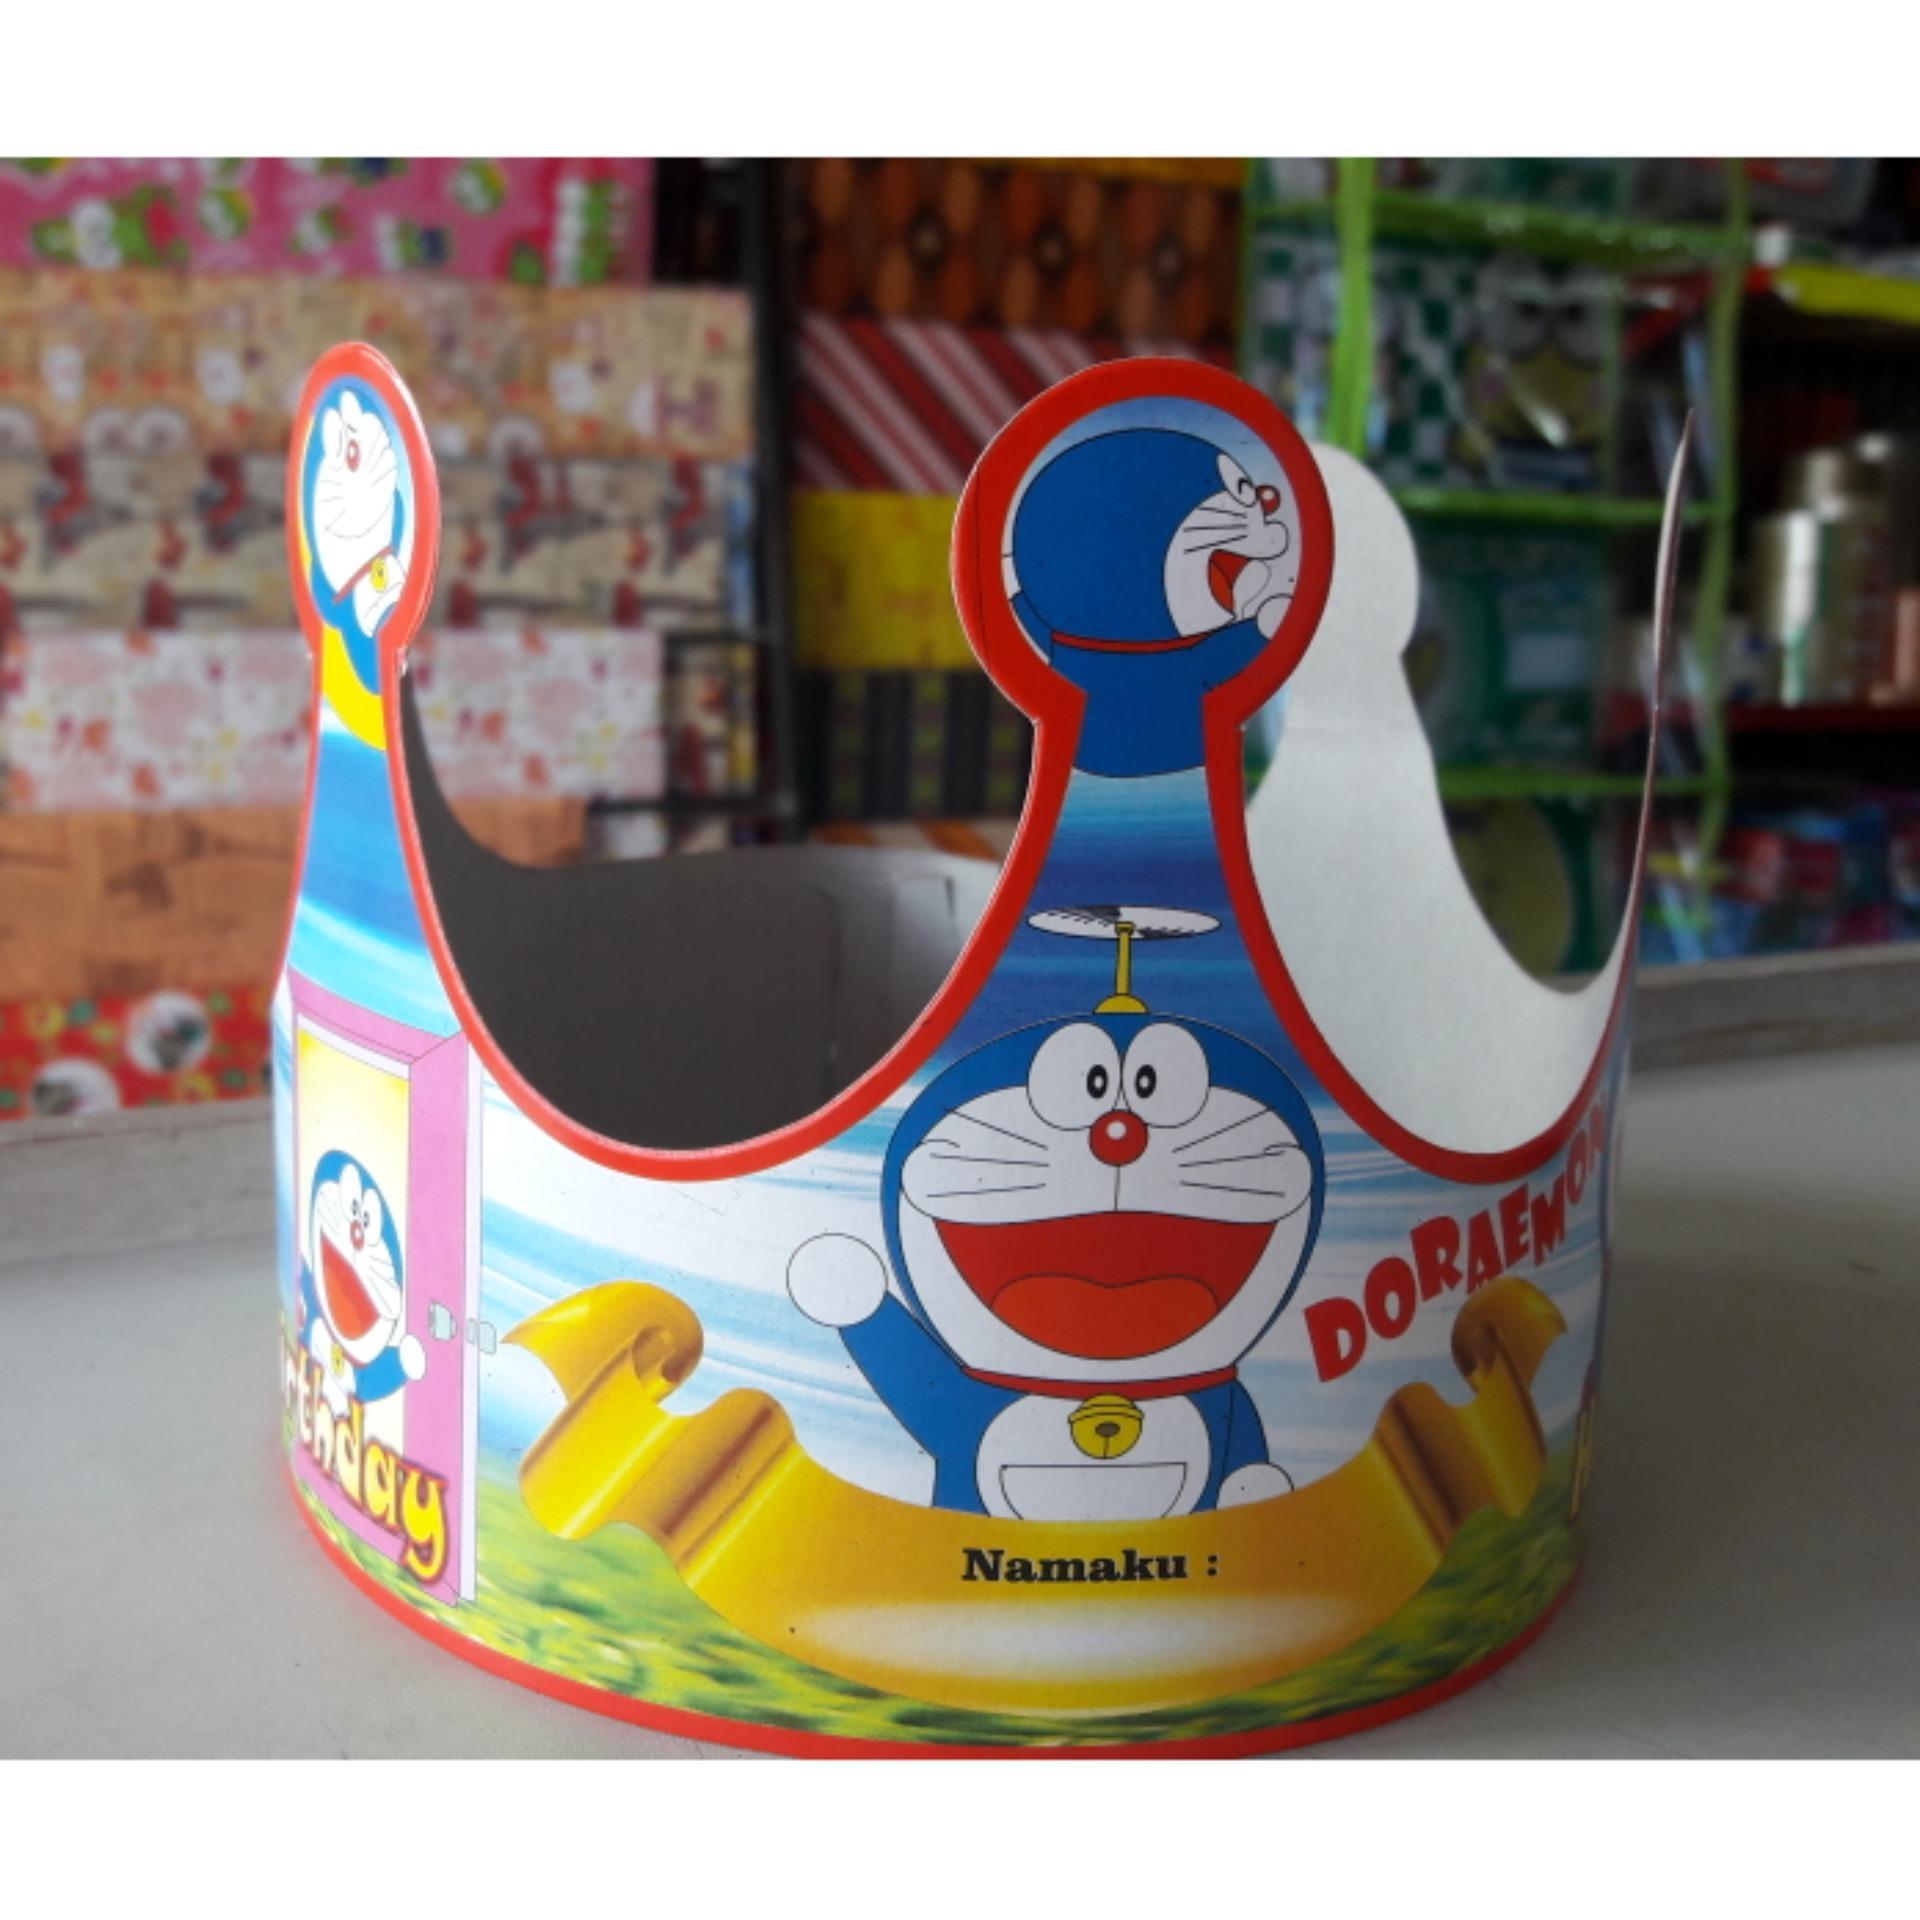 Balonasia Table Ware Party Set 10 Orang Ulang Tahun Anak Spec Dan Dekorasi Backdrop Garis Polkadot Diskon Celanapria Com Source Bandingkan Toko